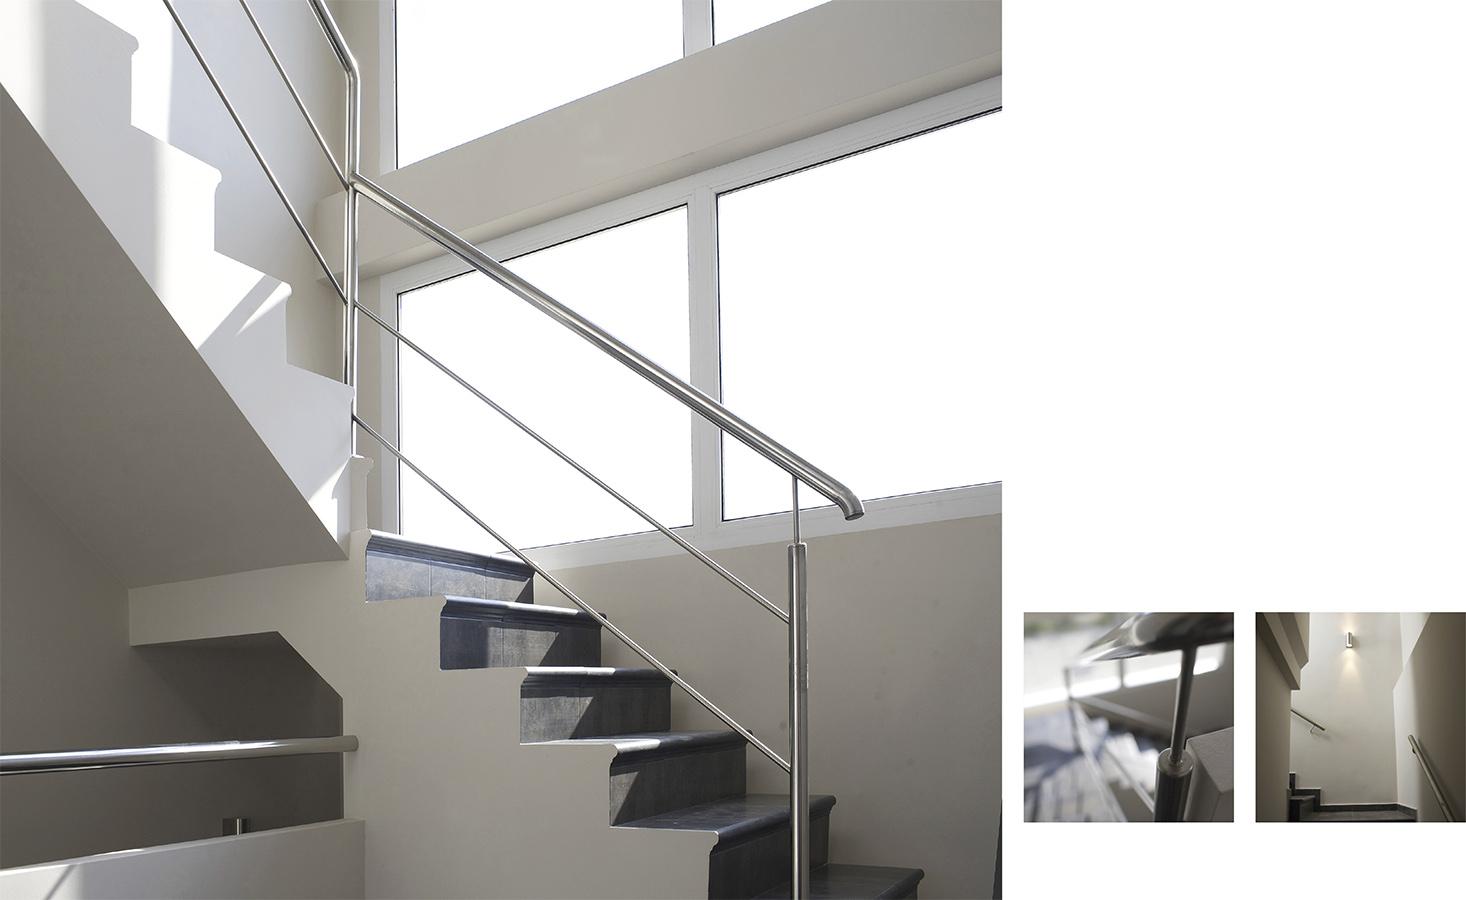 Casa Coveta fumá Reforma de lujo escalera contraste blanco y negron, Campello Alicante